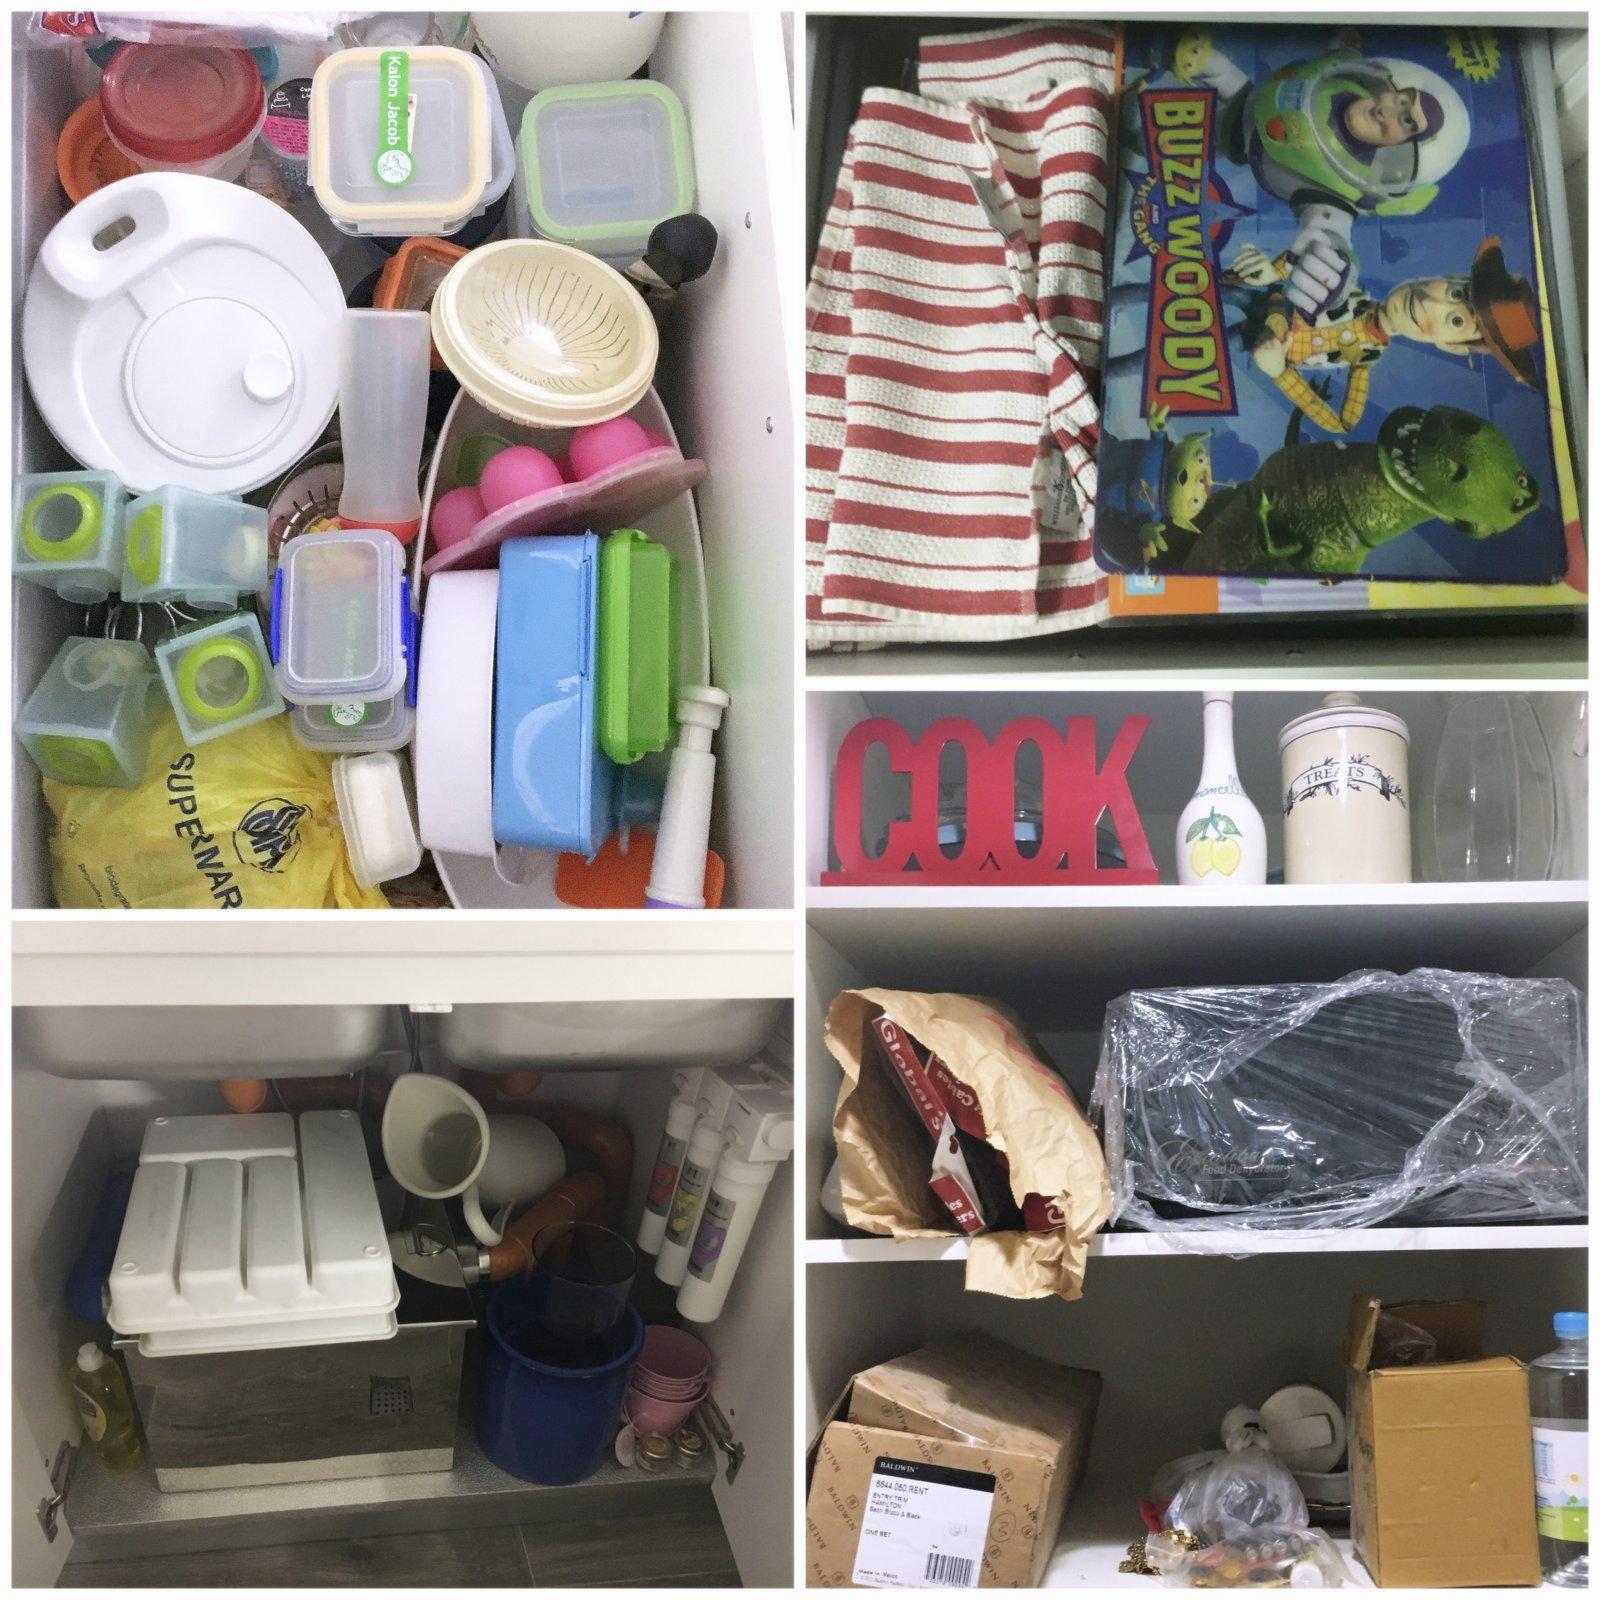 02-tidy kitchen kon mari method-001.JPG